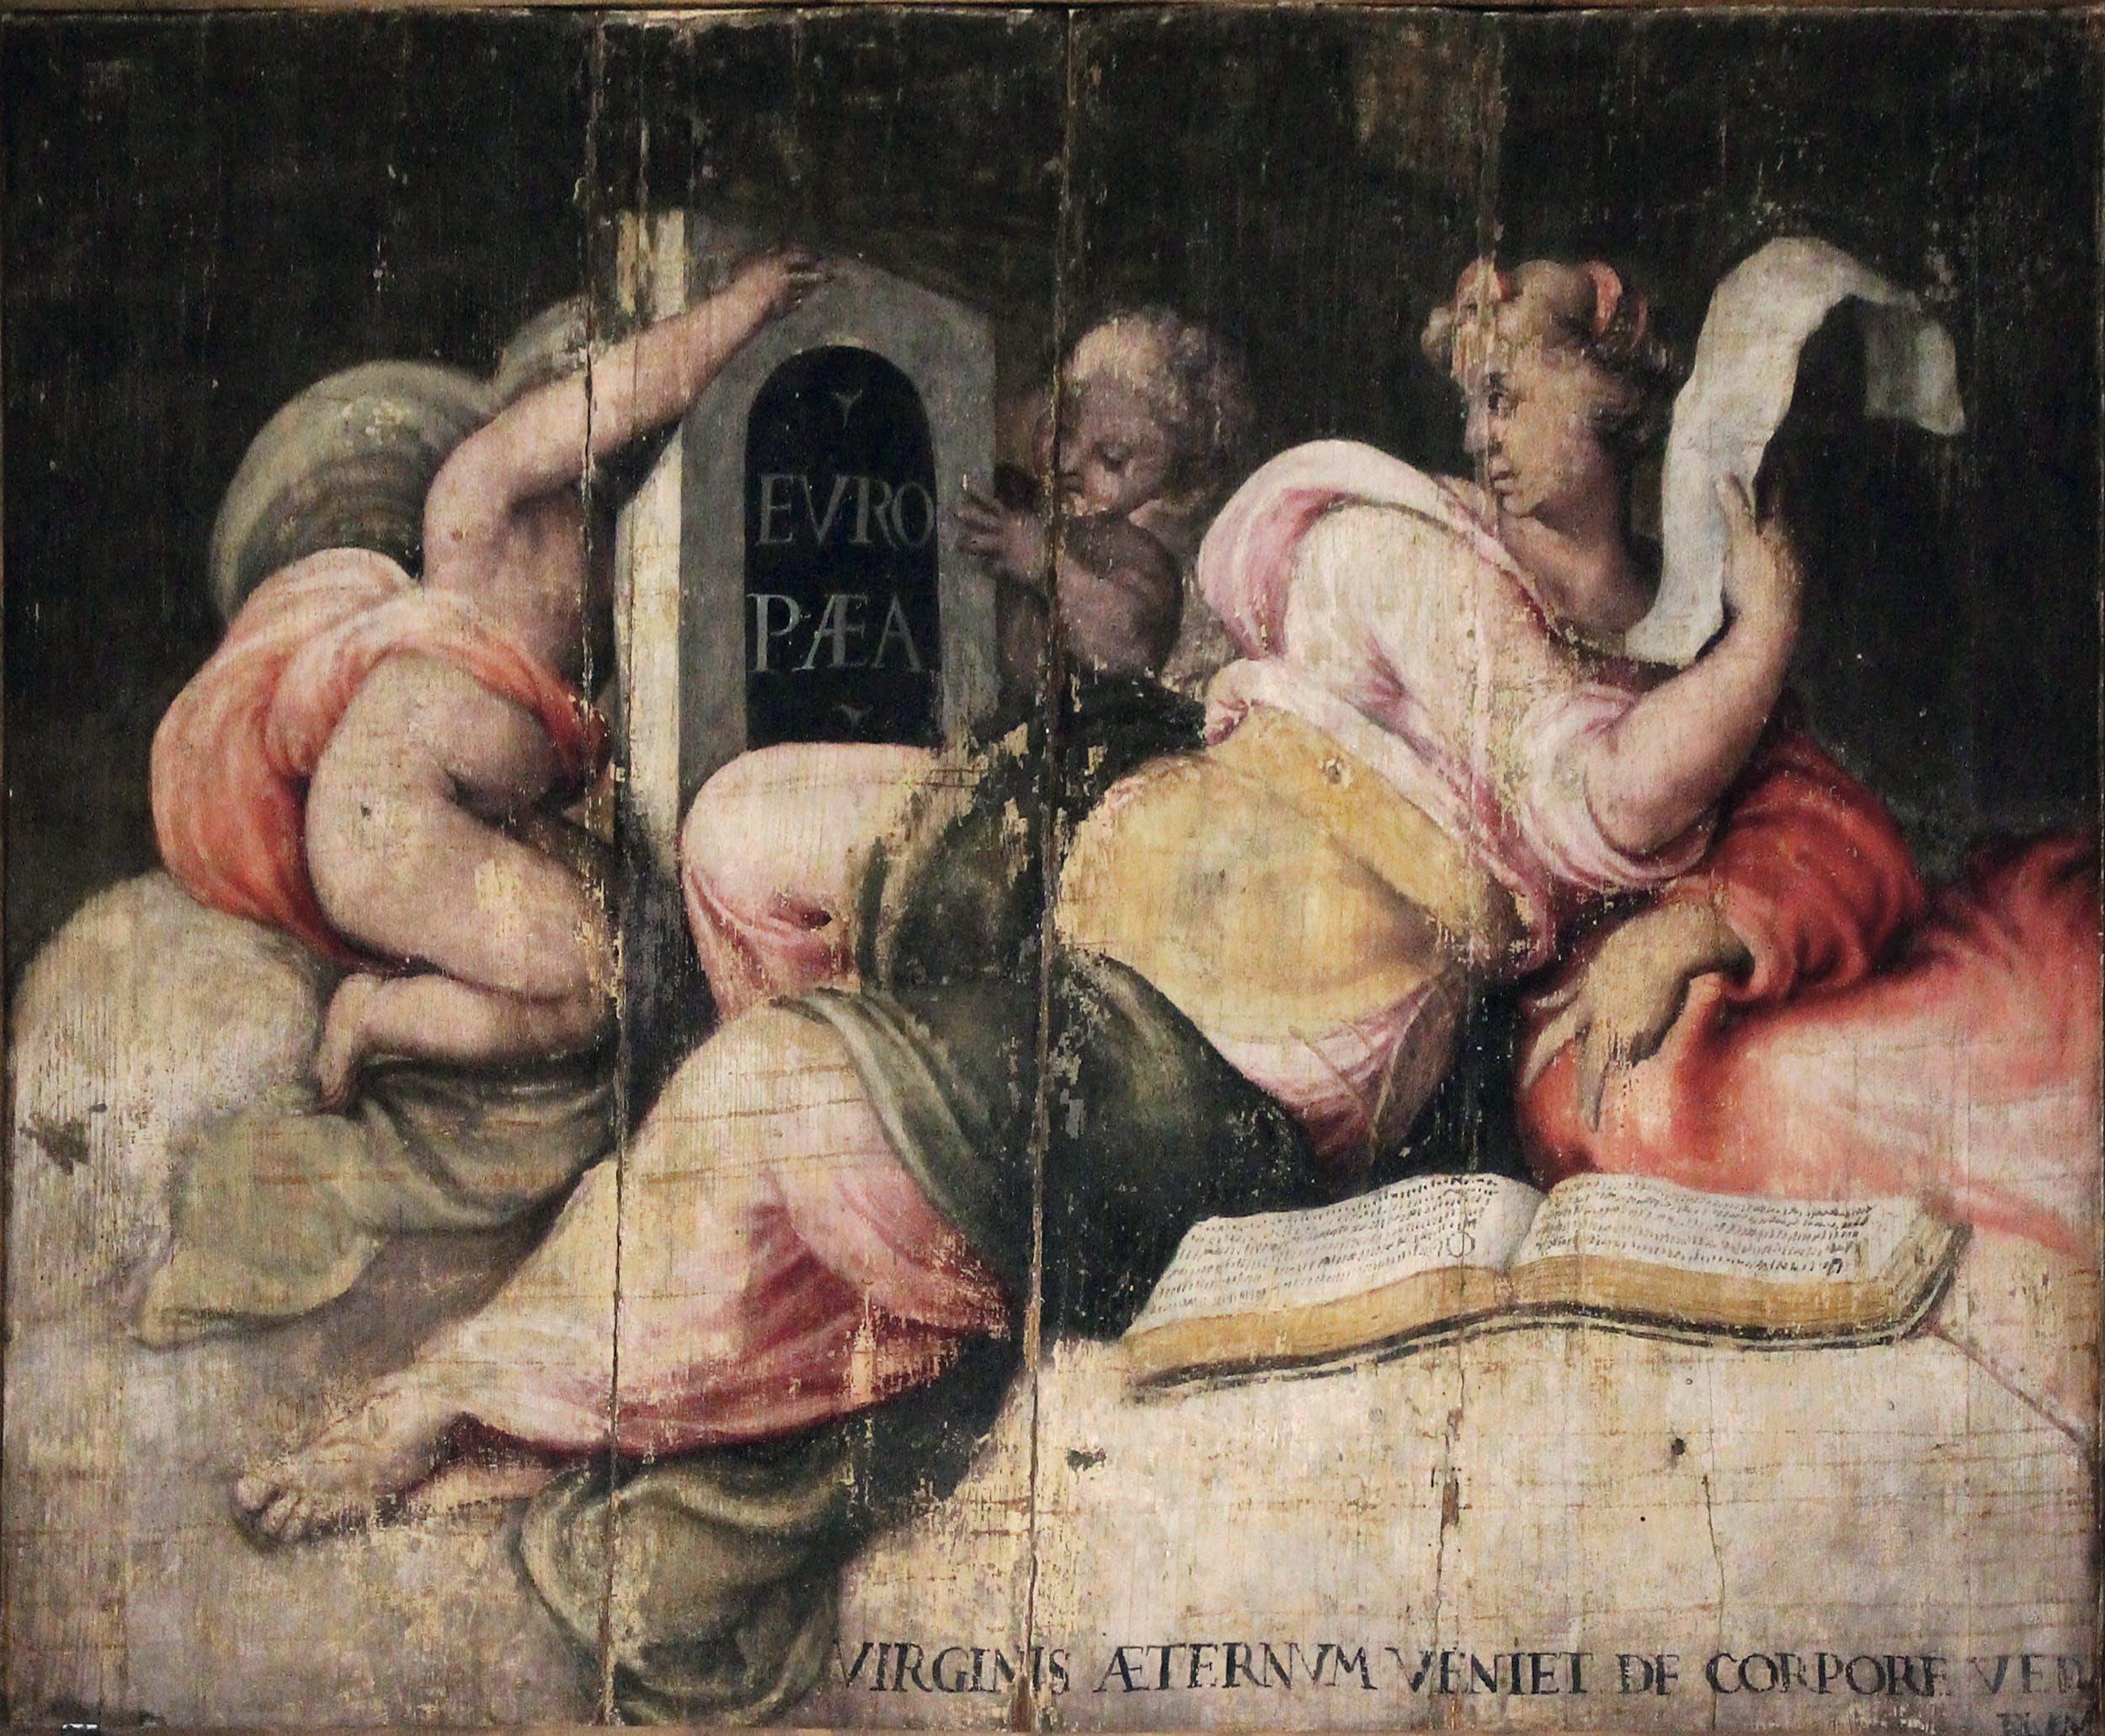 Scuola di Francesco de' Rossi, detto Francesco Salviati (1510-1563) Sibilla Europea (veduta prima del restauro) tempera su tavola Villa medicea di Cerreto Guidi e Museo storico della Caccia e del Territorio, Cerreto Guidi